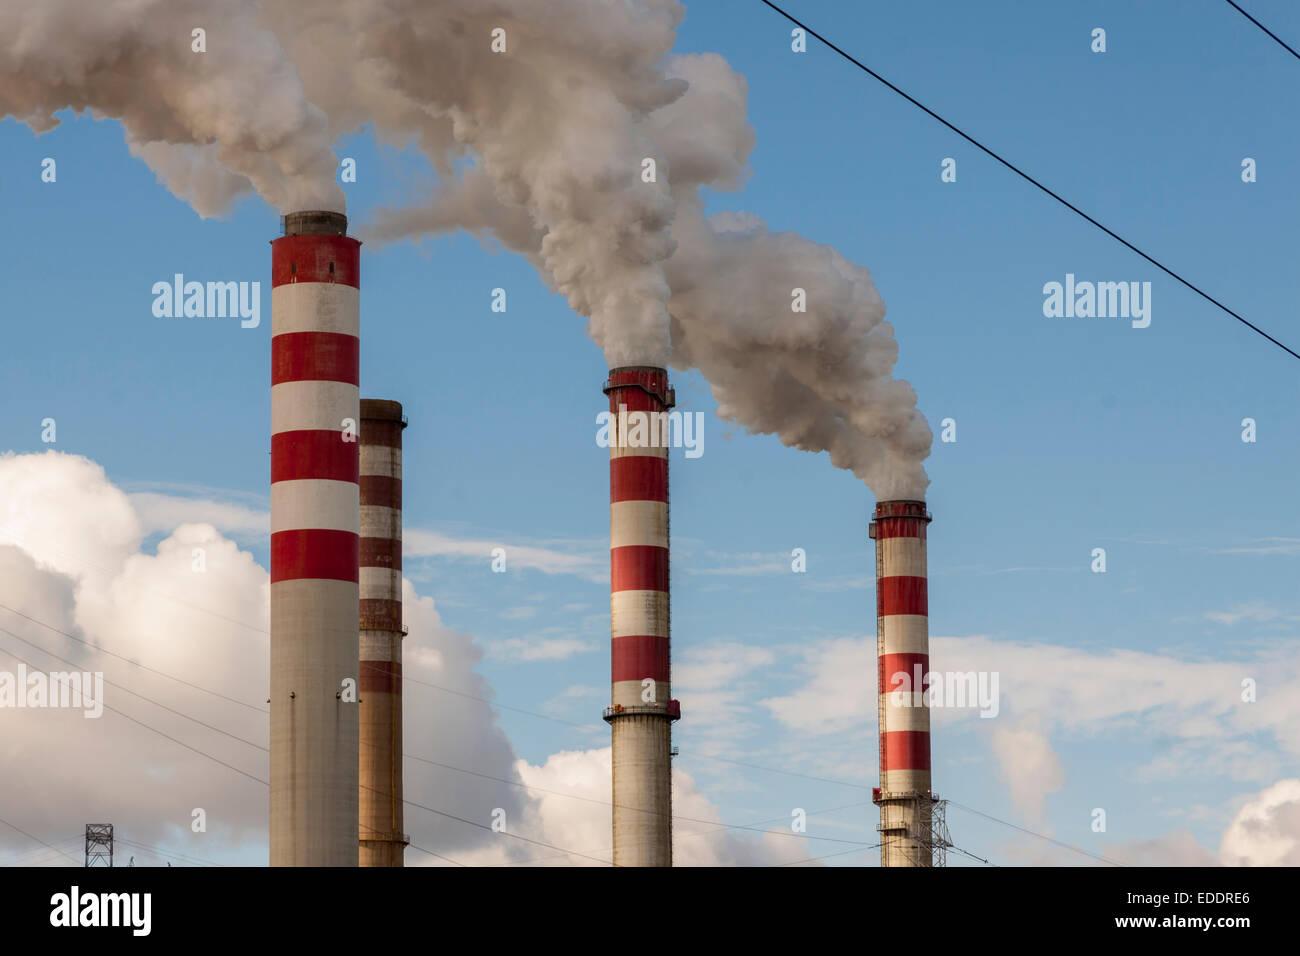 Gran contaminación en la planta de energía de carbón polaco - patnow, Konin, Europa. Imagen De Stock